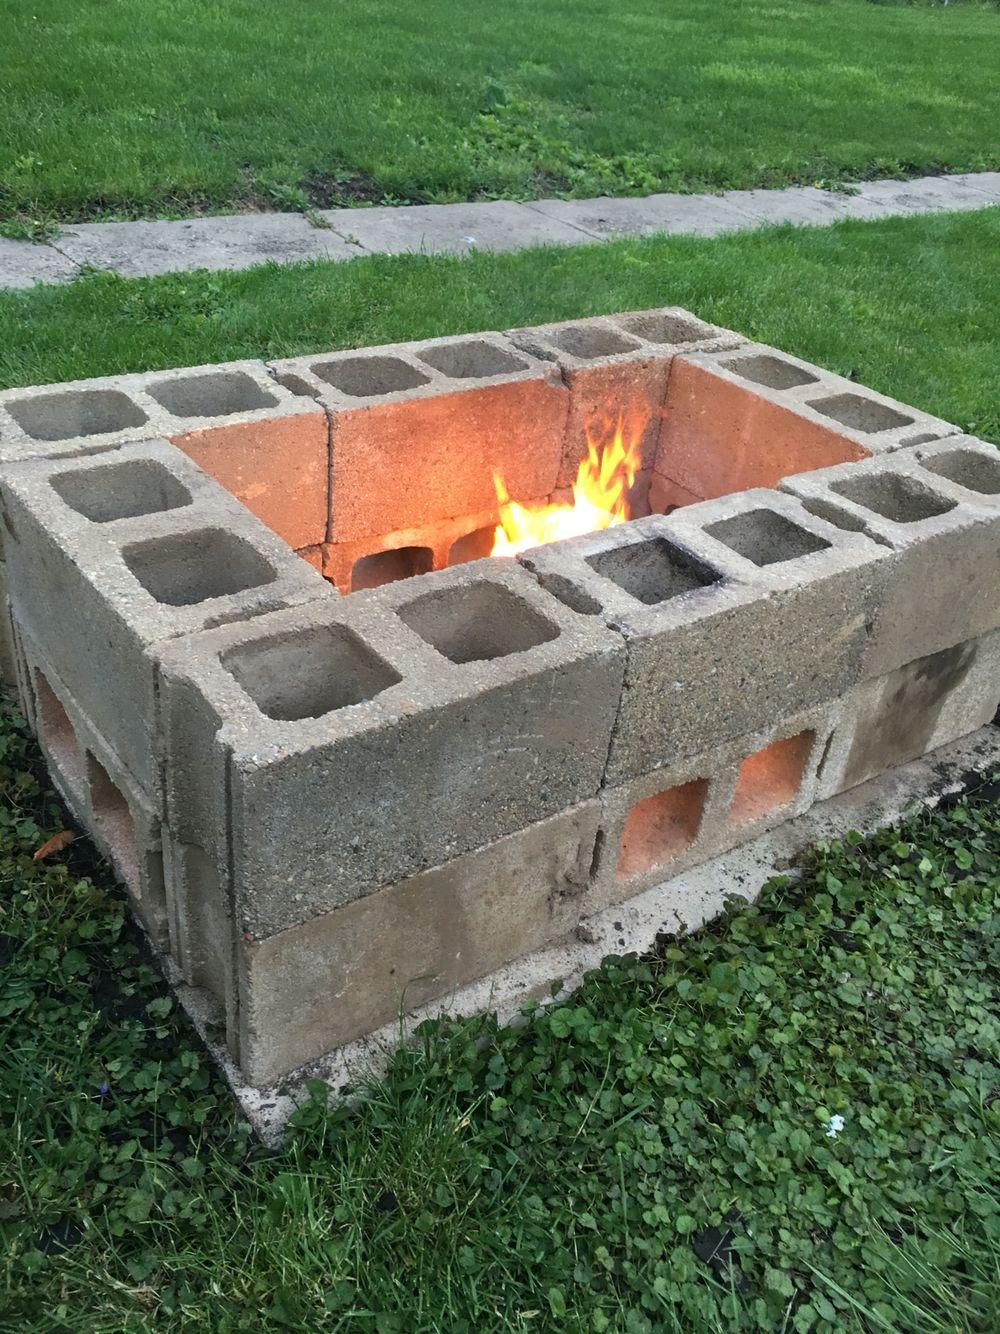 4 Matériaux Détournés À Utiliser Dans Son Jardin | Foyer ... concernant Gouttiere Abri De Jardin